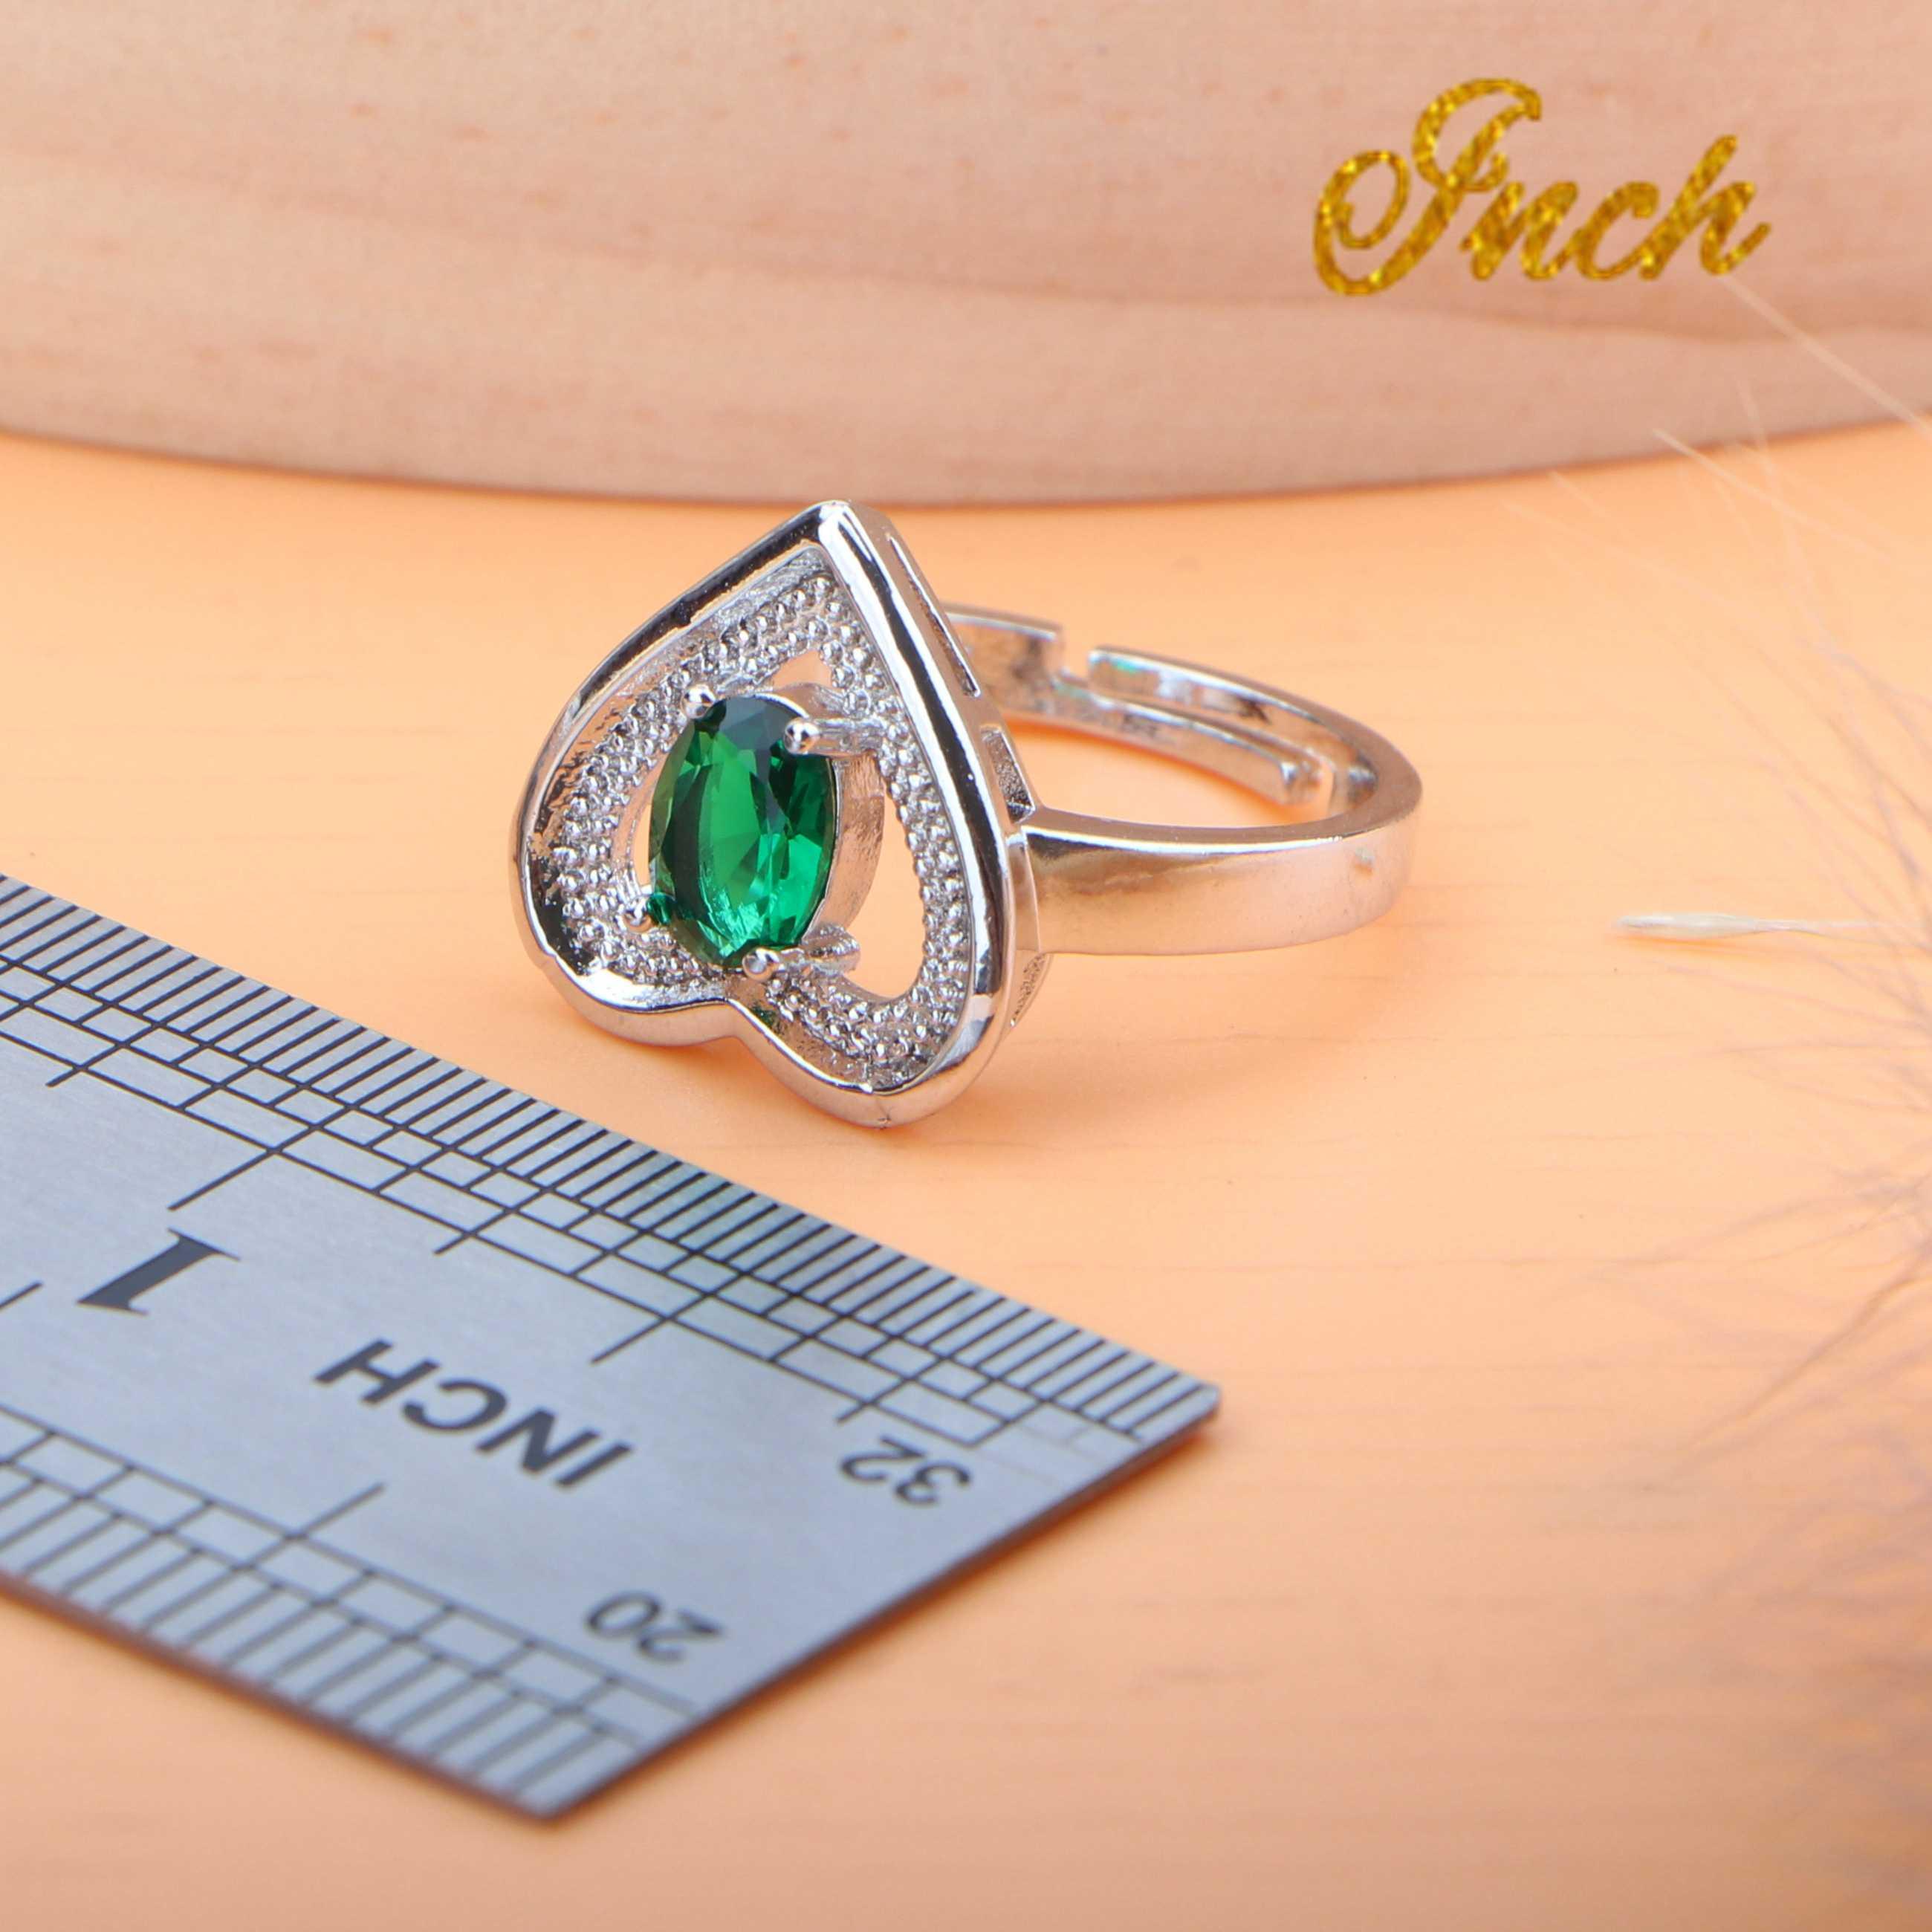 Kobiety Wedding Bridal 925 Sterling Silver Jewelry Sets zielony CZ kolczyki kostium biżuteria bransoletka pierścień naszyjnik zestaw pudełko